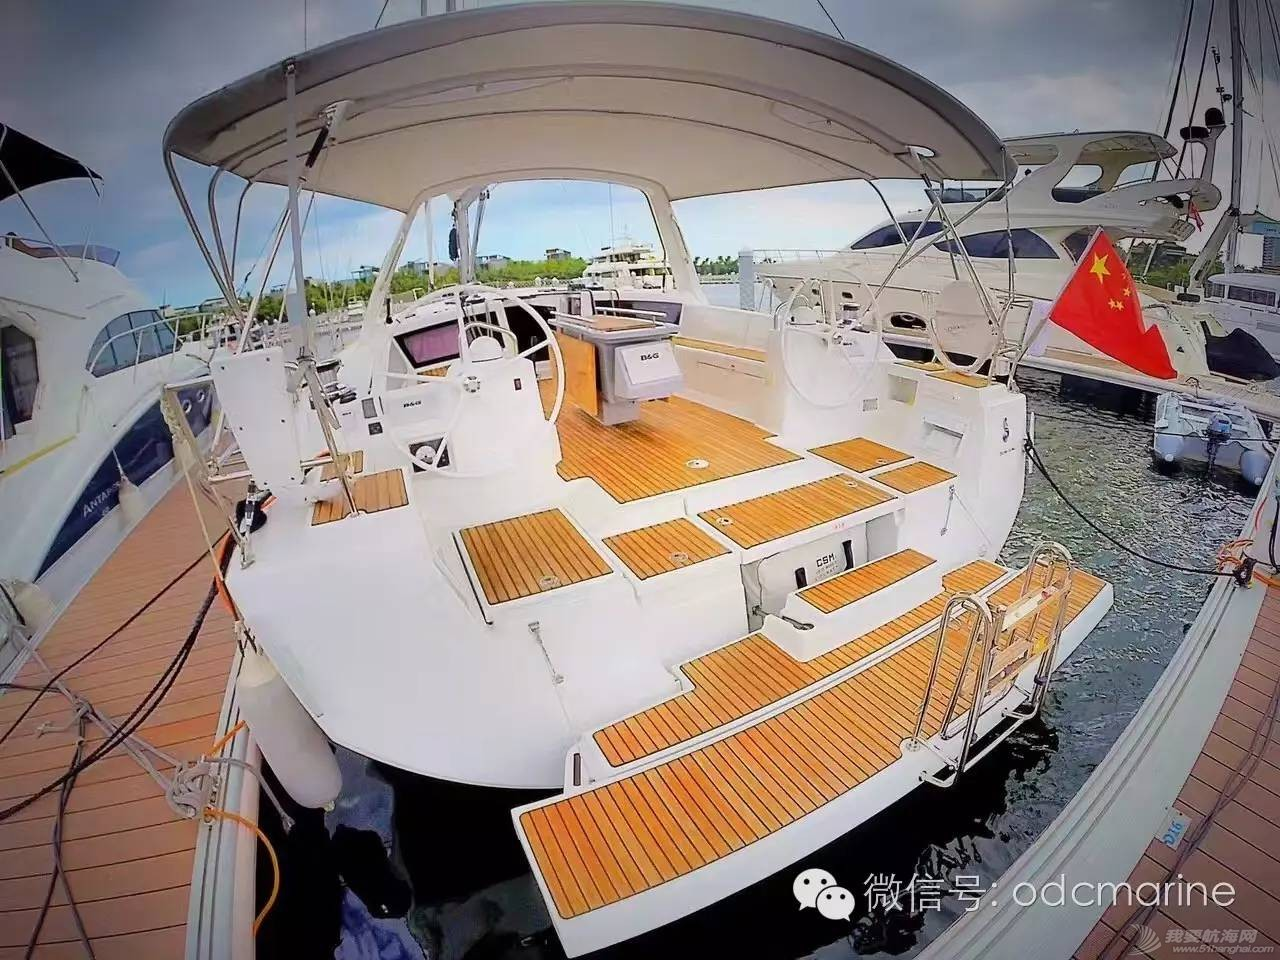 拉力赛 Sailing lifestyle丨这样的拉力赛很精彩 7b8819fbc97c0a42cd6de45db6284147.jpg